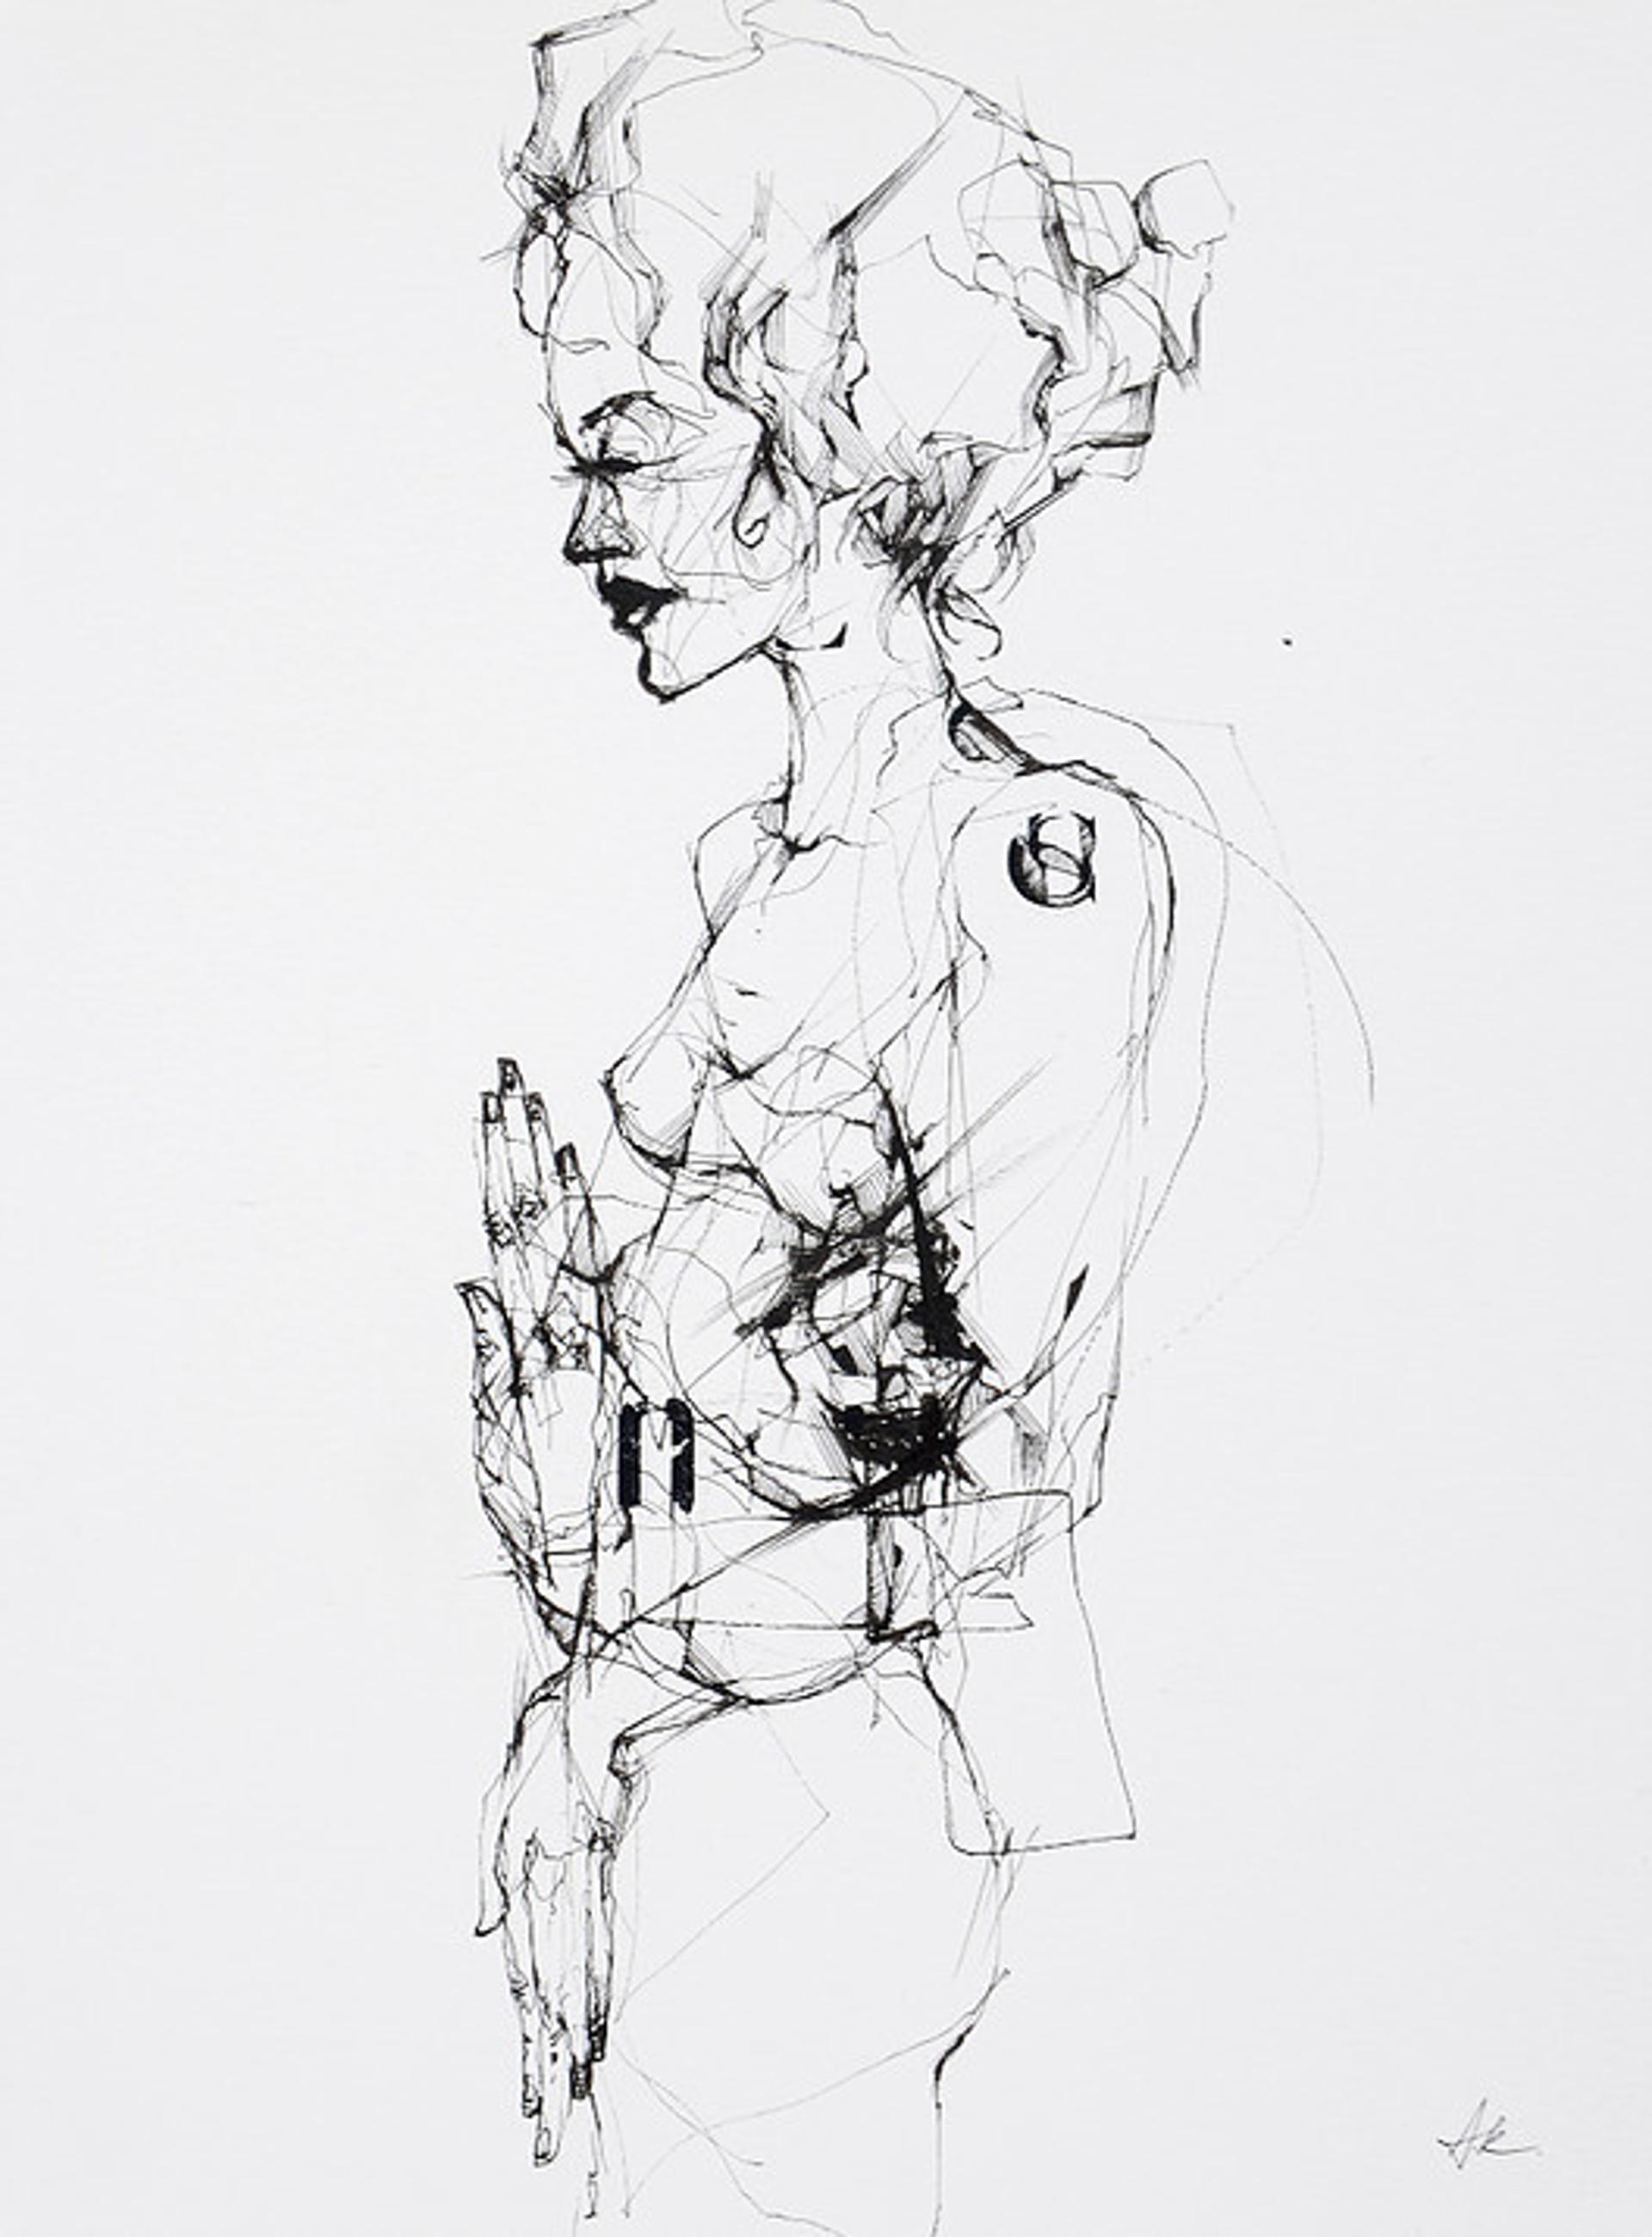 Untitled 6 by Aiden Kringen